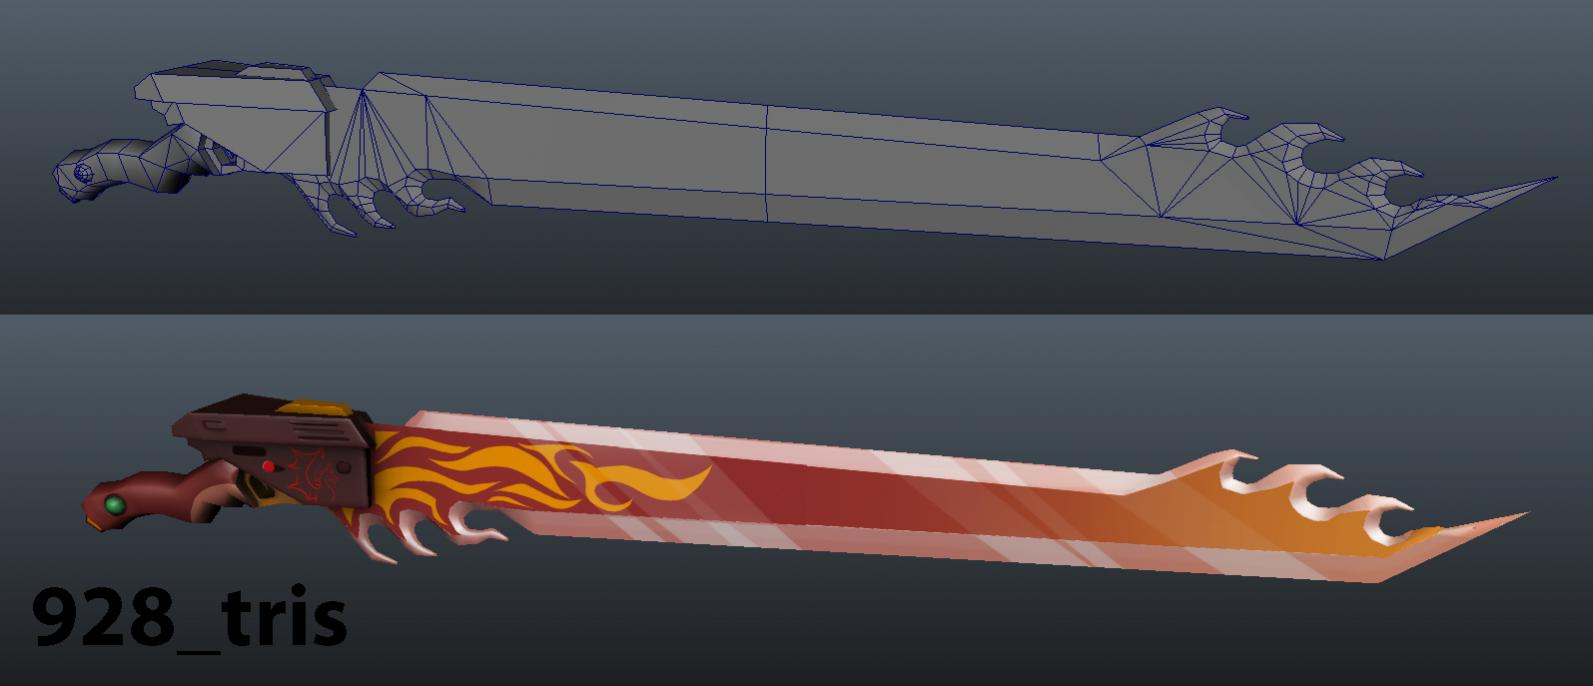 attachment_t_5515_2_emilia-s-weapon.jpg